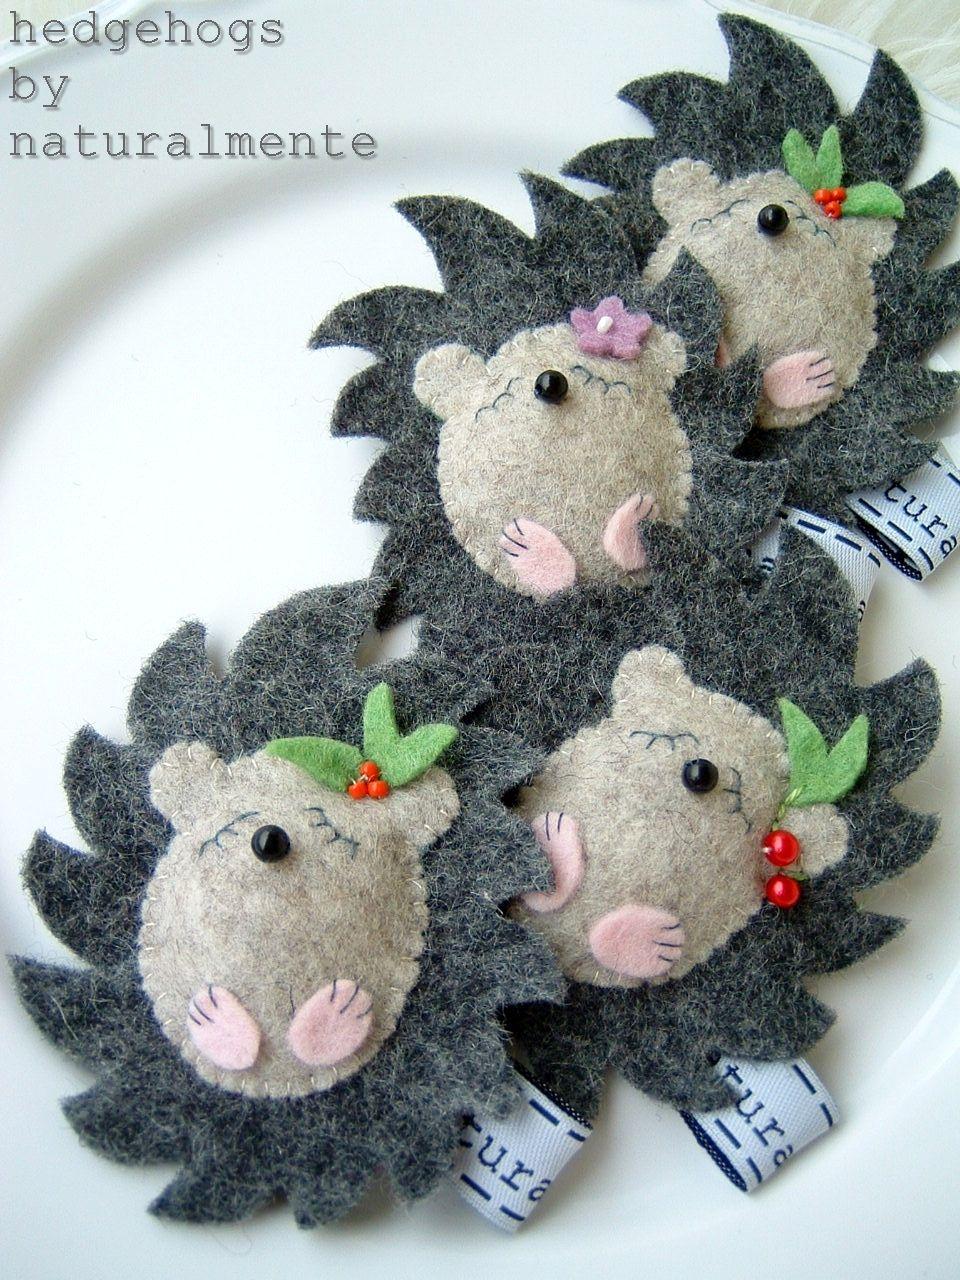 Needle Felted Christmas Hedgehog Decoration,Christmas Stocking,Unique accent,Needle Felt Ornament,Felting,Felt Hedgehog